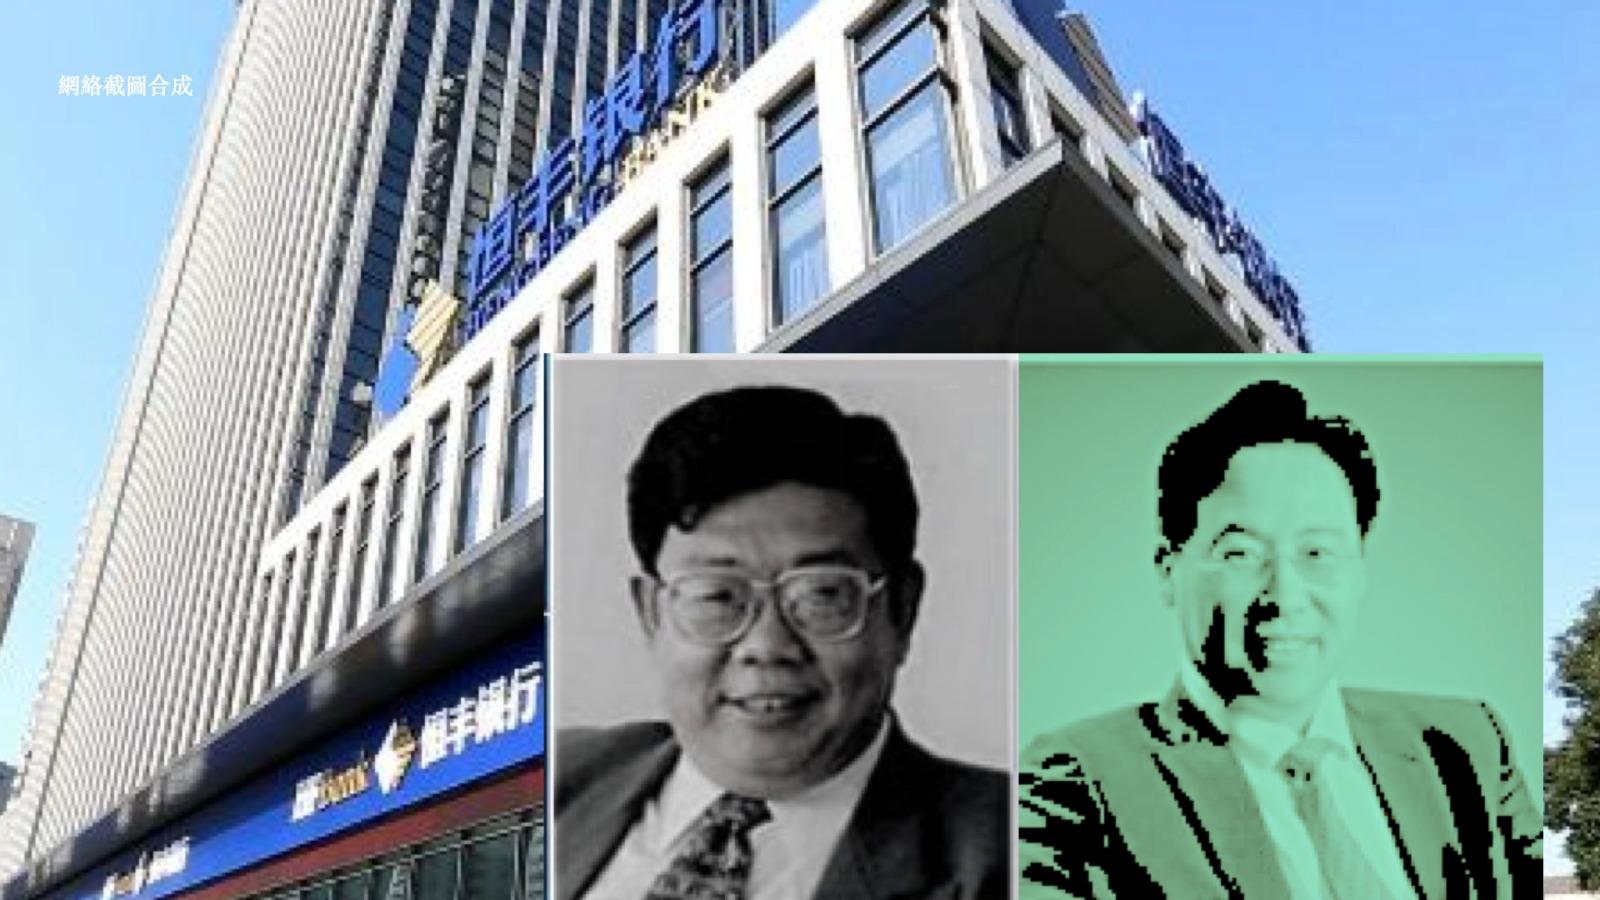 原恒丰银行董事长蔡國华(右)被控五宗罪,其前任姜喜運(左)已被判死緩。(大紀元合成圖)